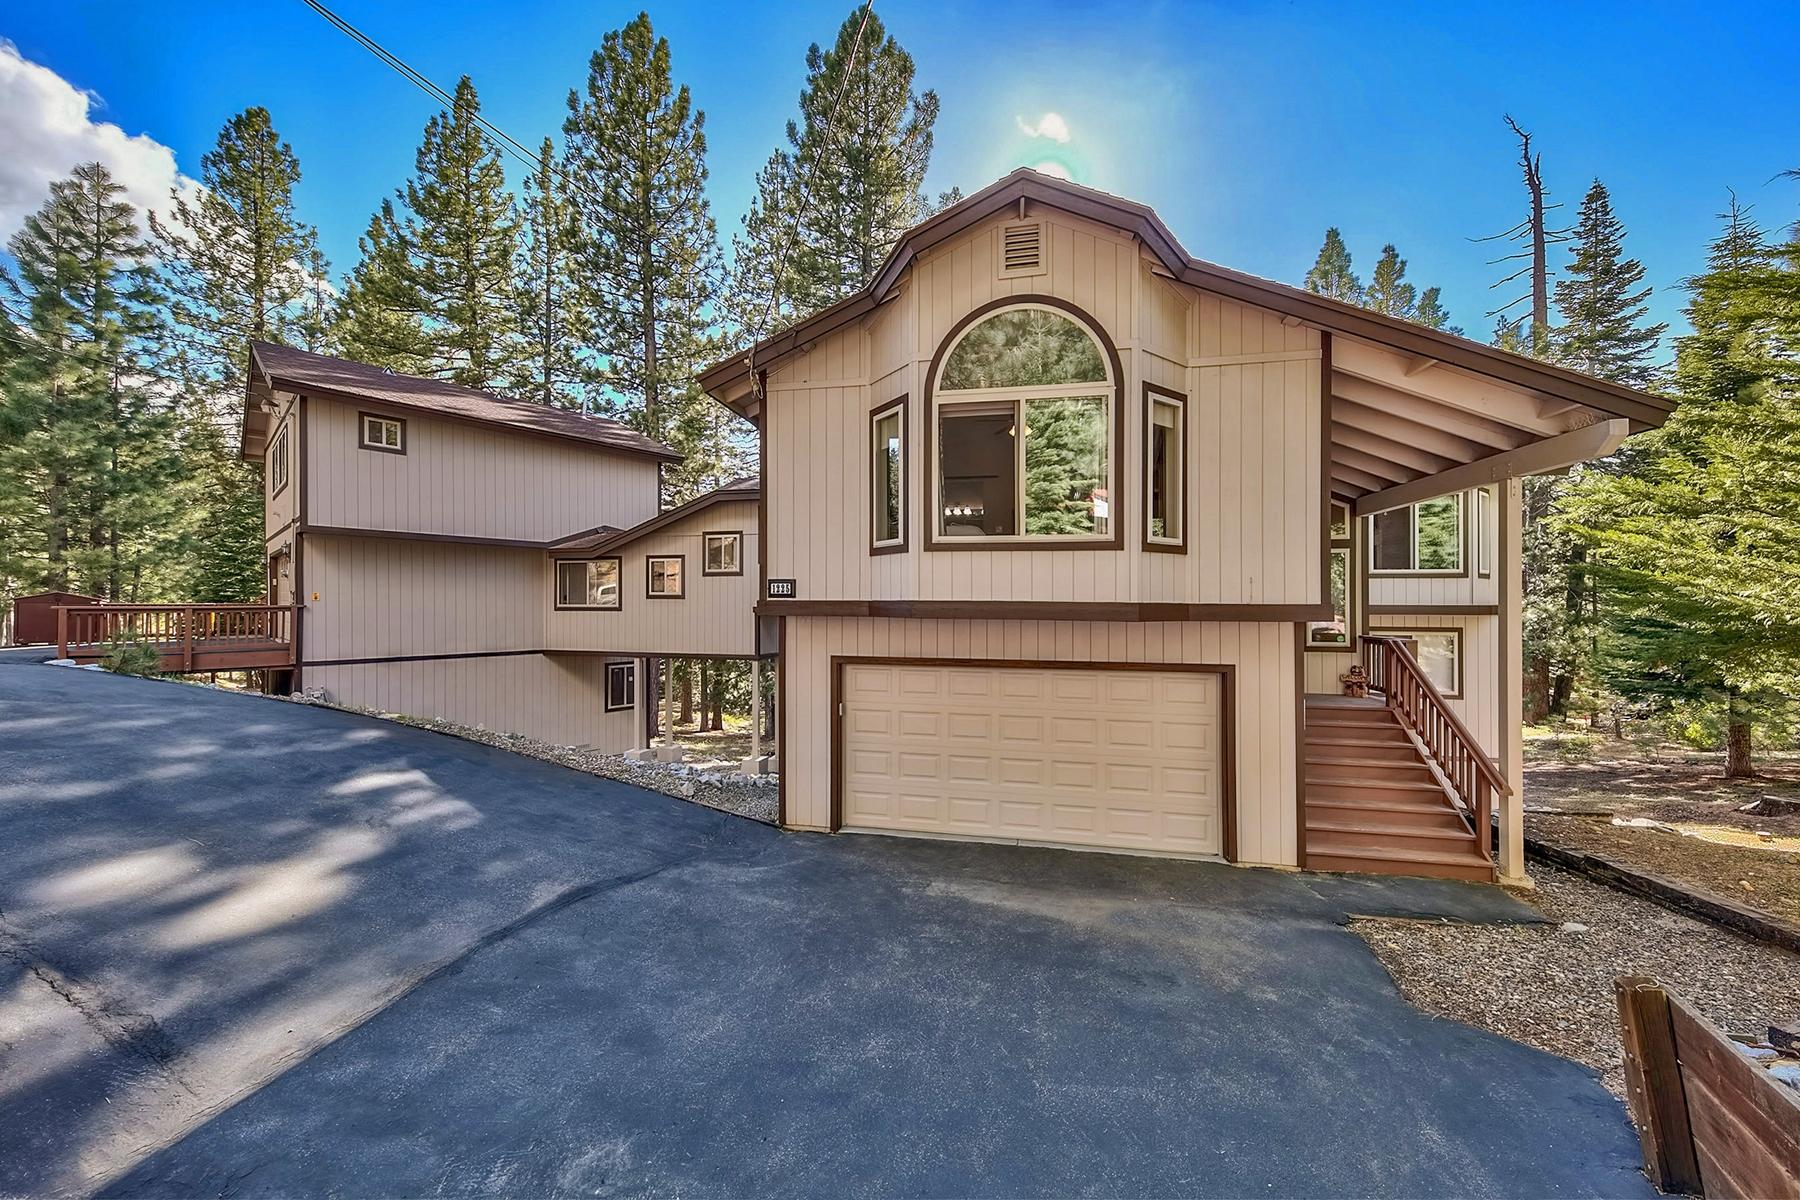 Property for Active at 1225 Acoma Circle, South Lake Tahoe, CA 1225 Acoma Circle South Lake Tahoe, California 96150 United States